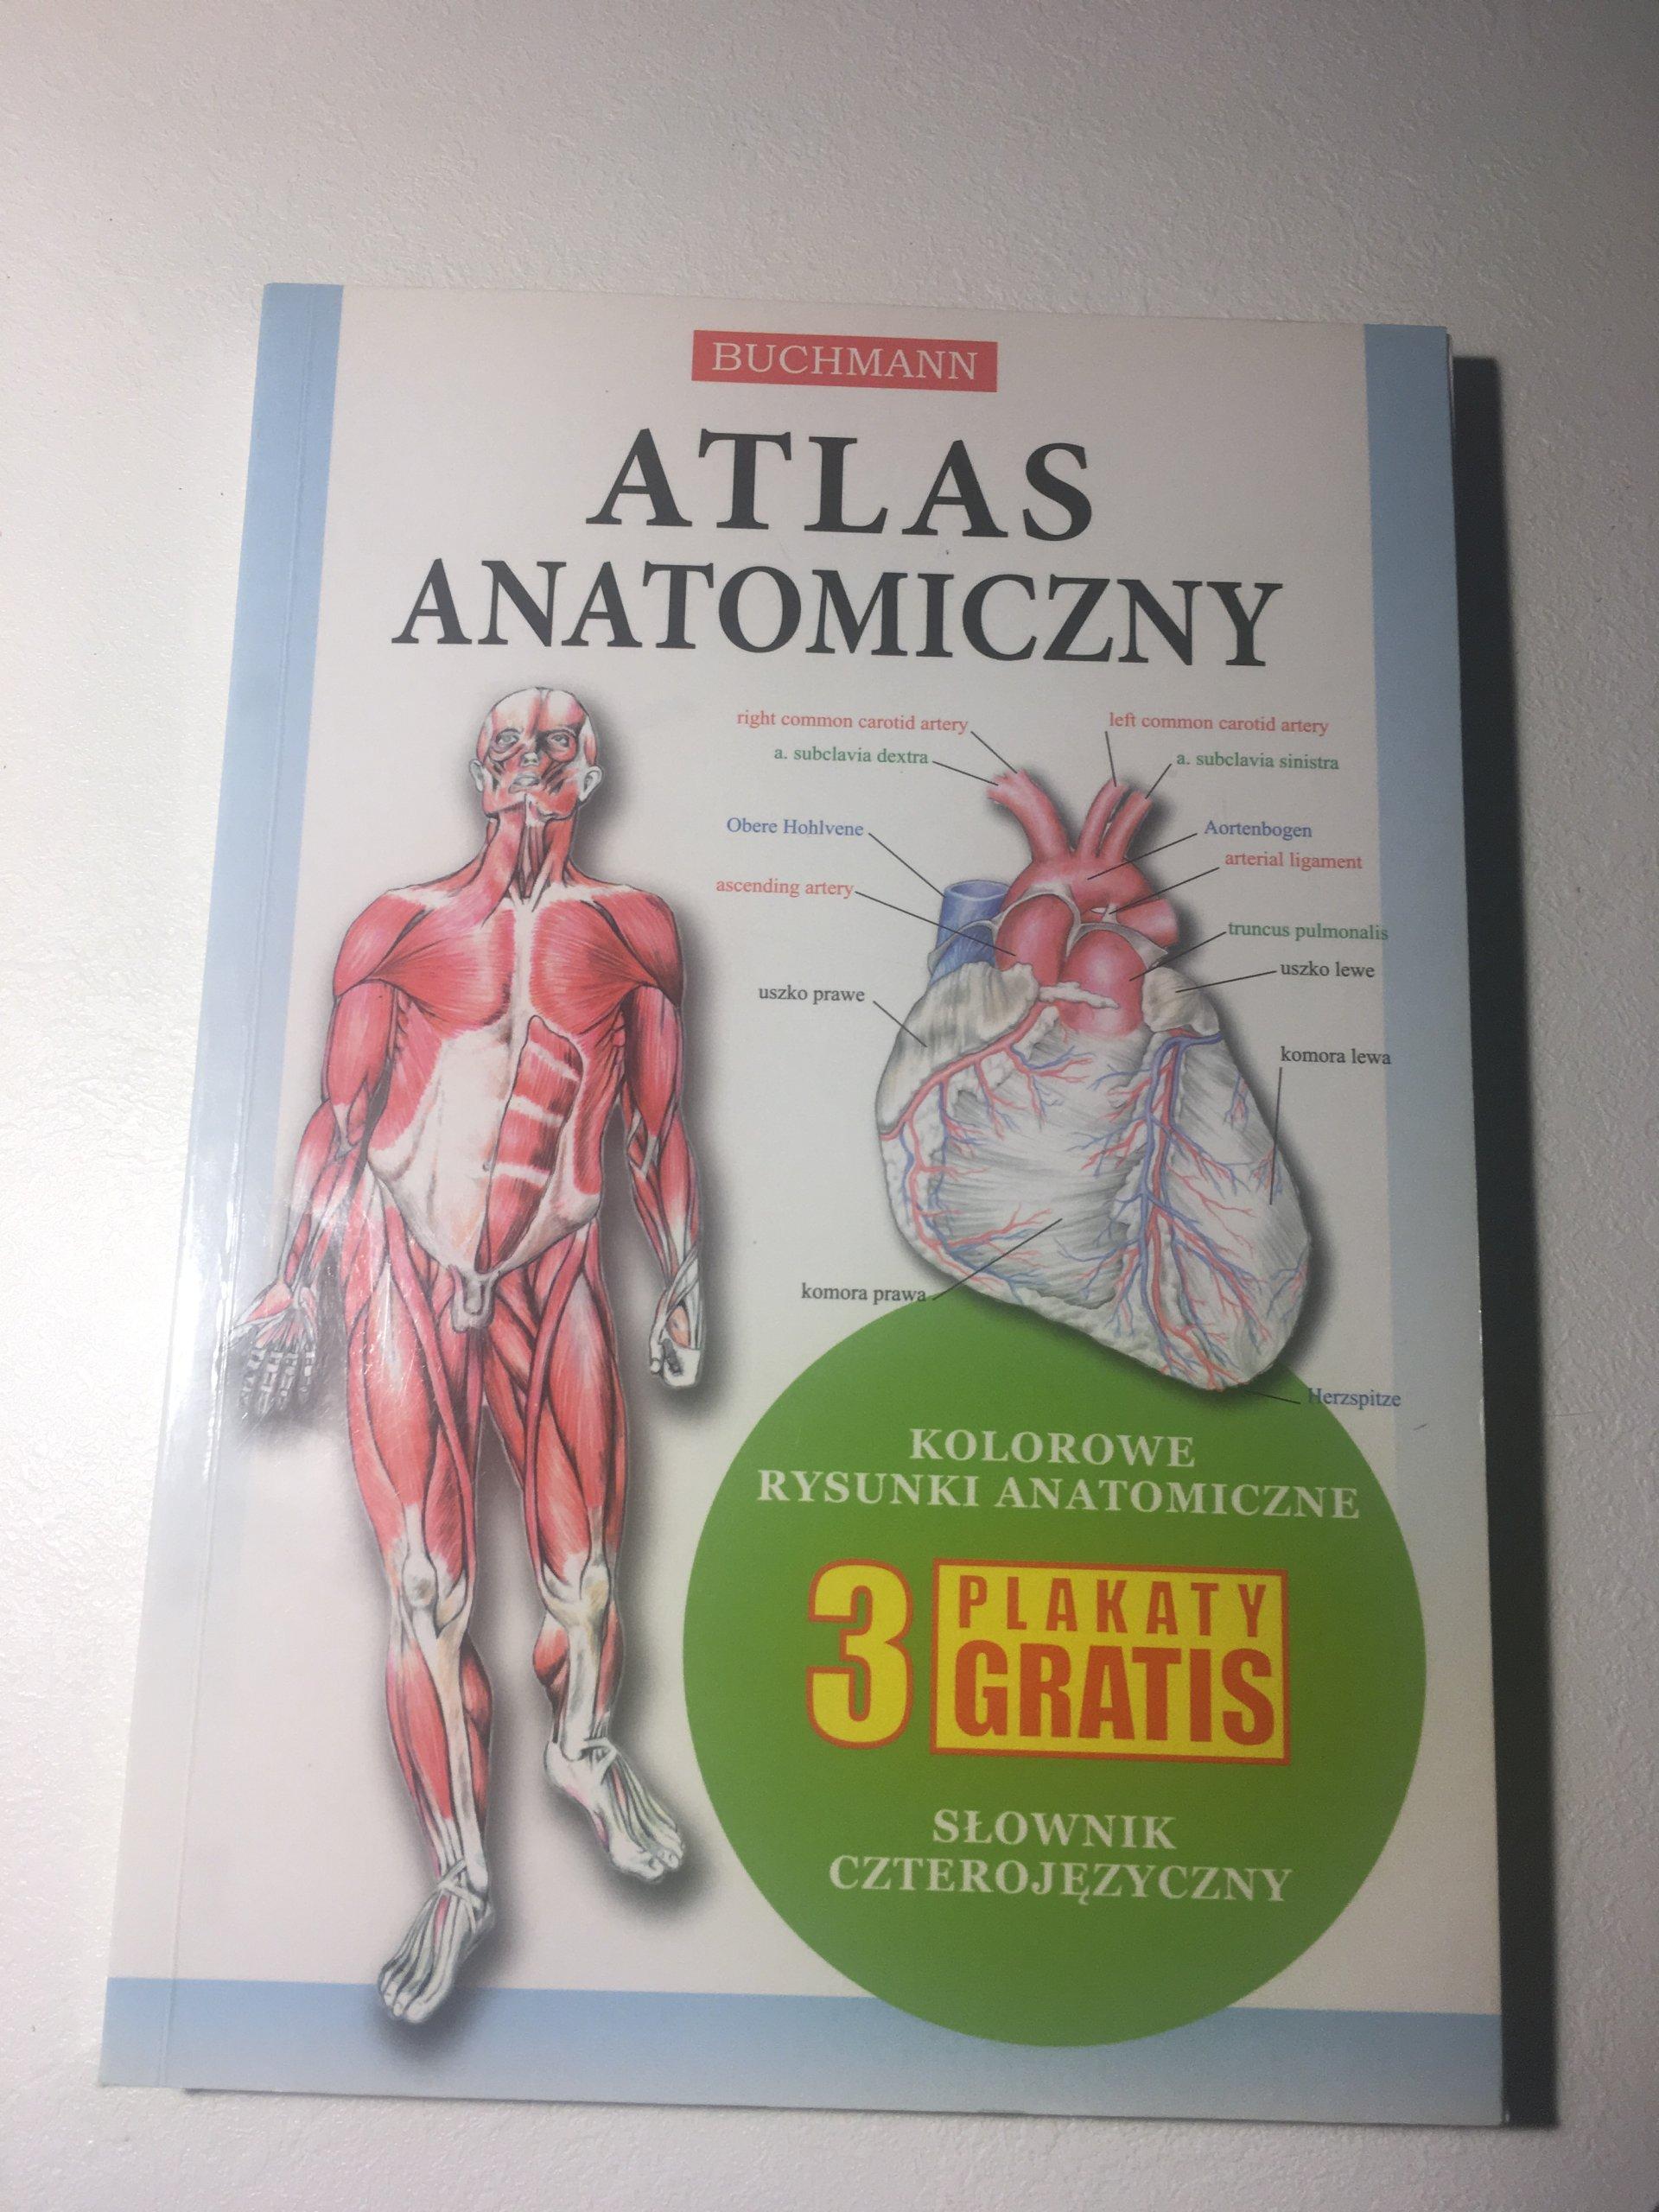 Atlas Anatomiczny Buchmann 7226873823 Oficjalne Archiwum